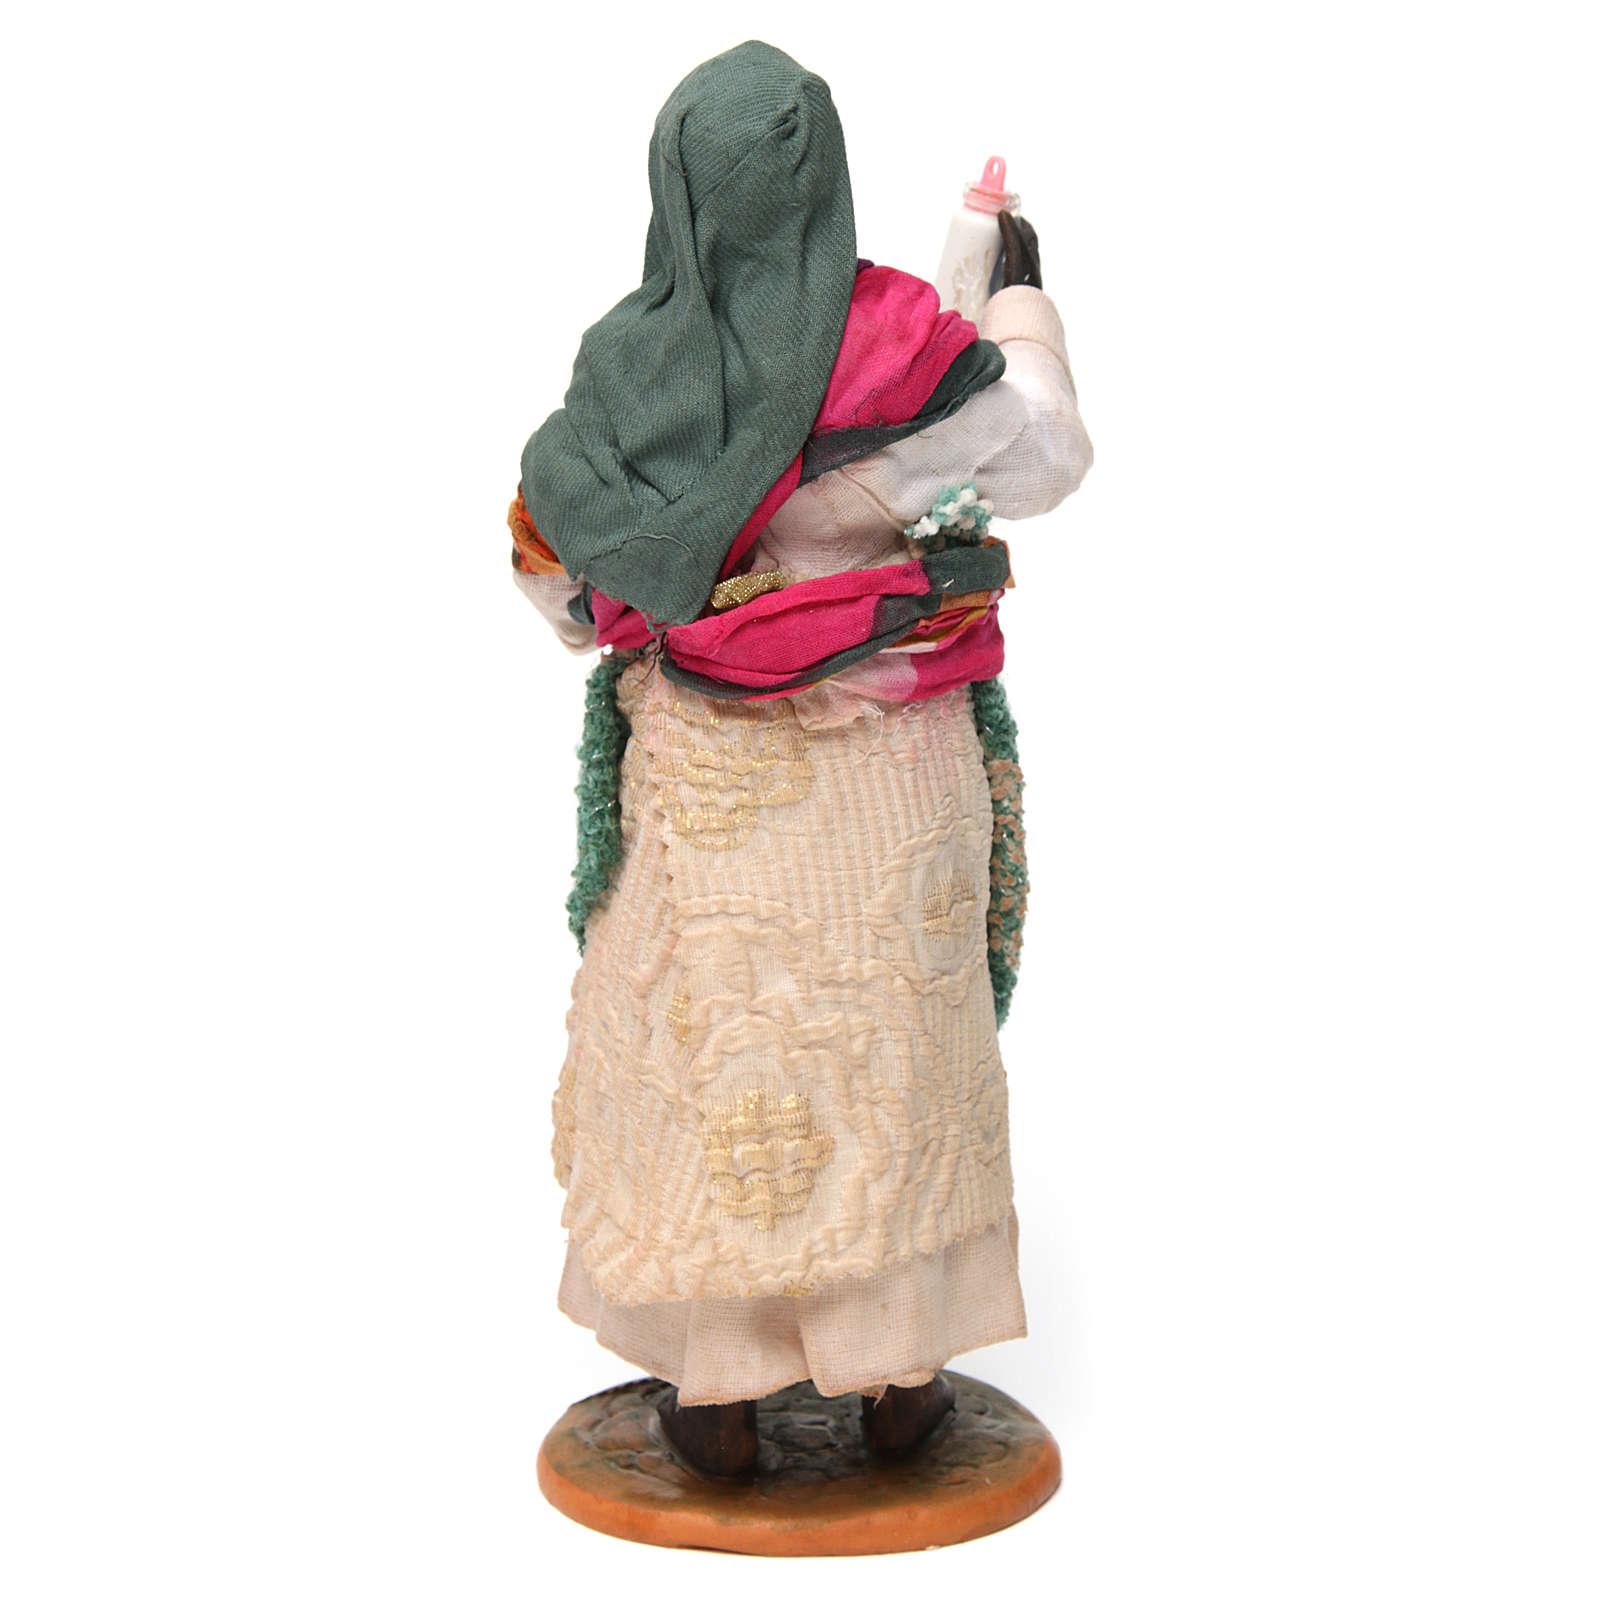 Gitana con niño en brazos para belén napolitano de 30 cm de altura media 4